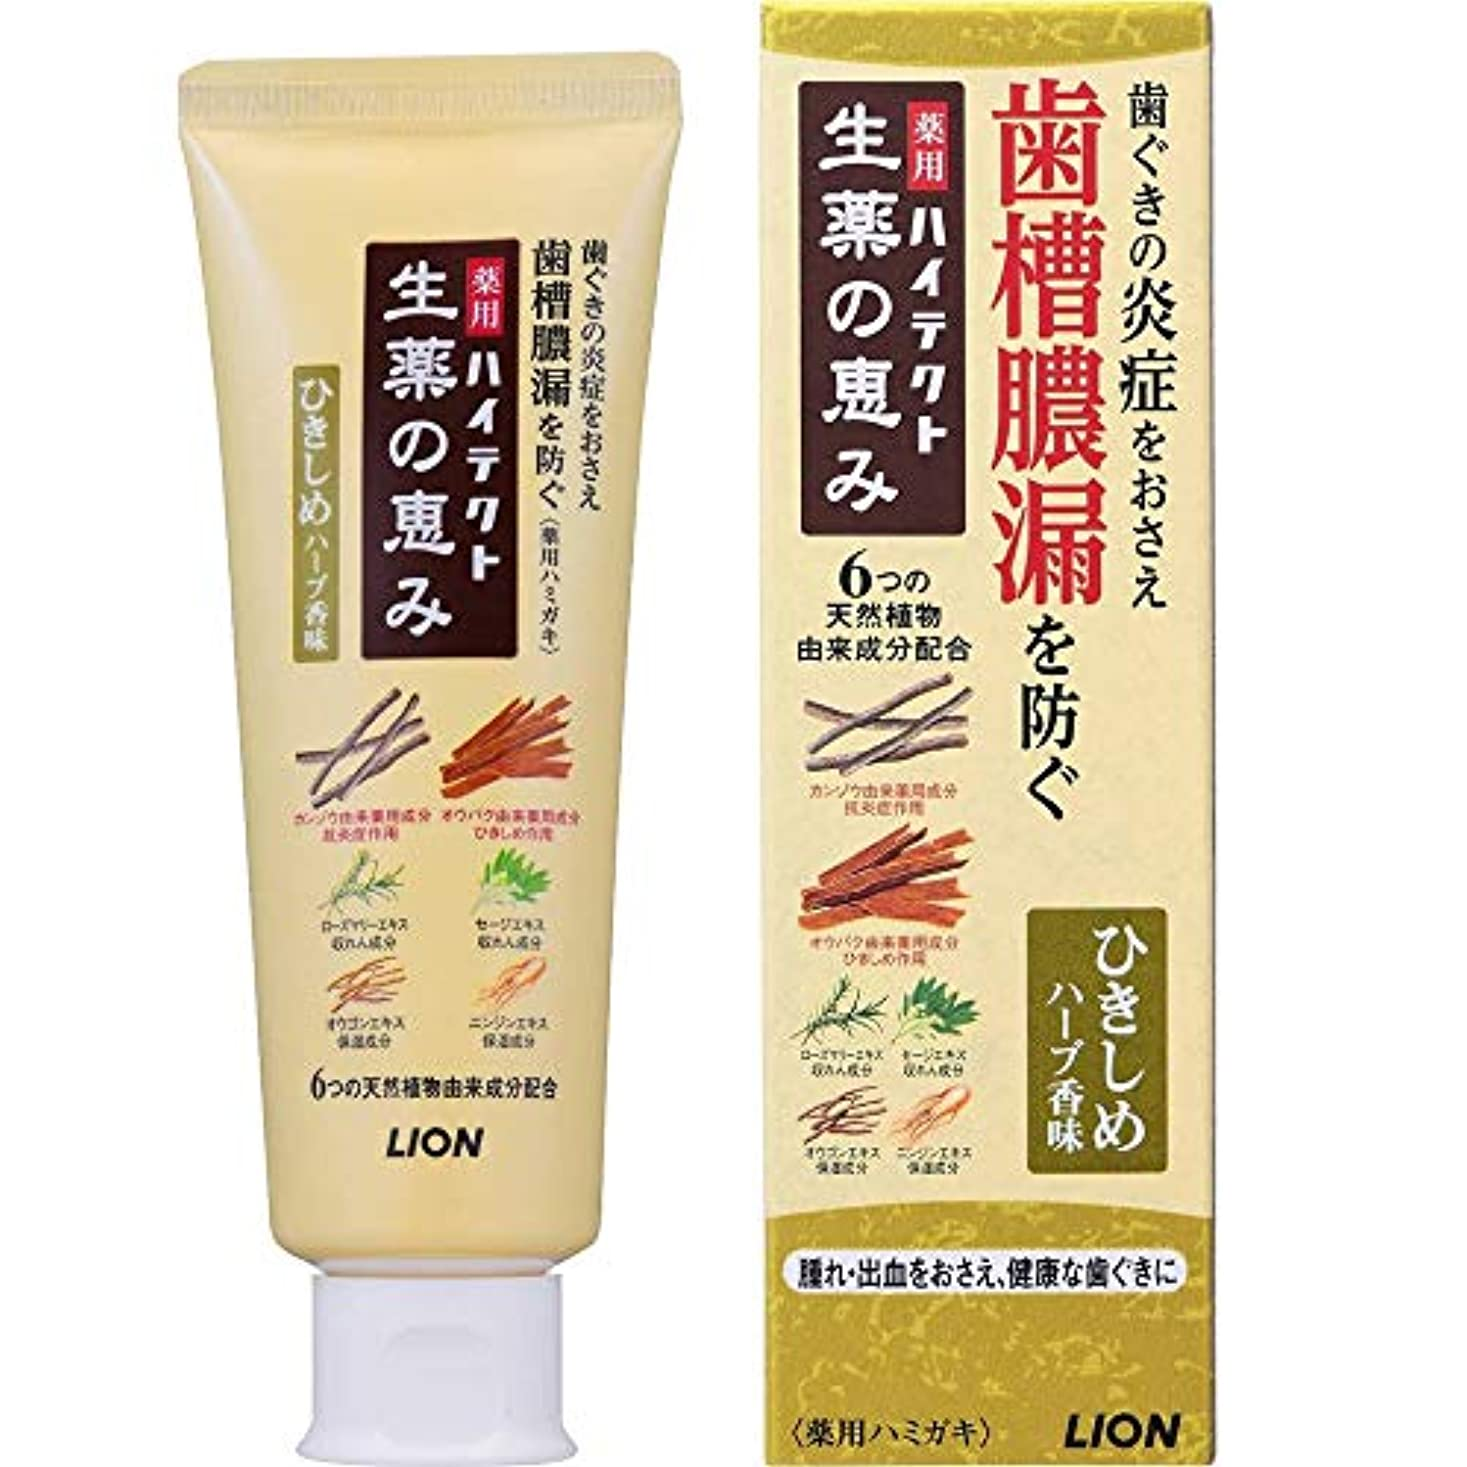 用心する引く回復薬用ハイテクト生薬の恵み ひきしめハーブ香味 90g